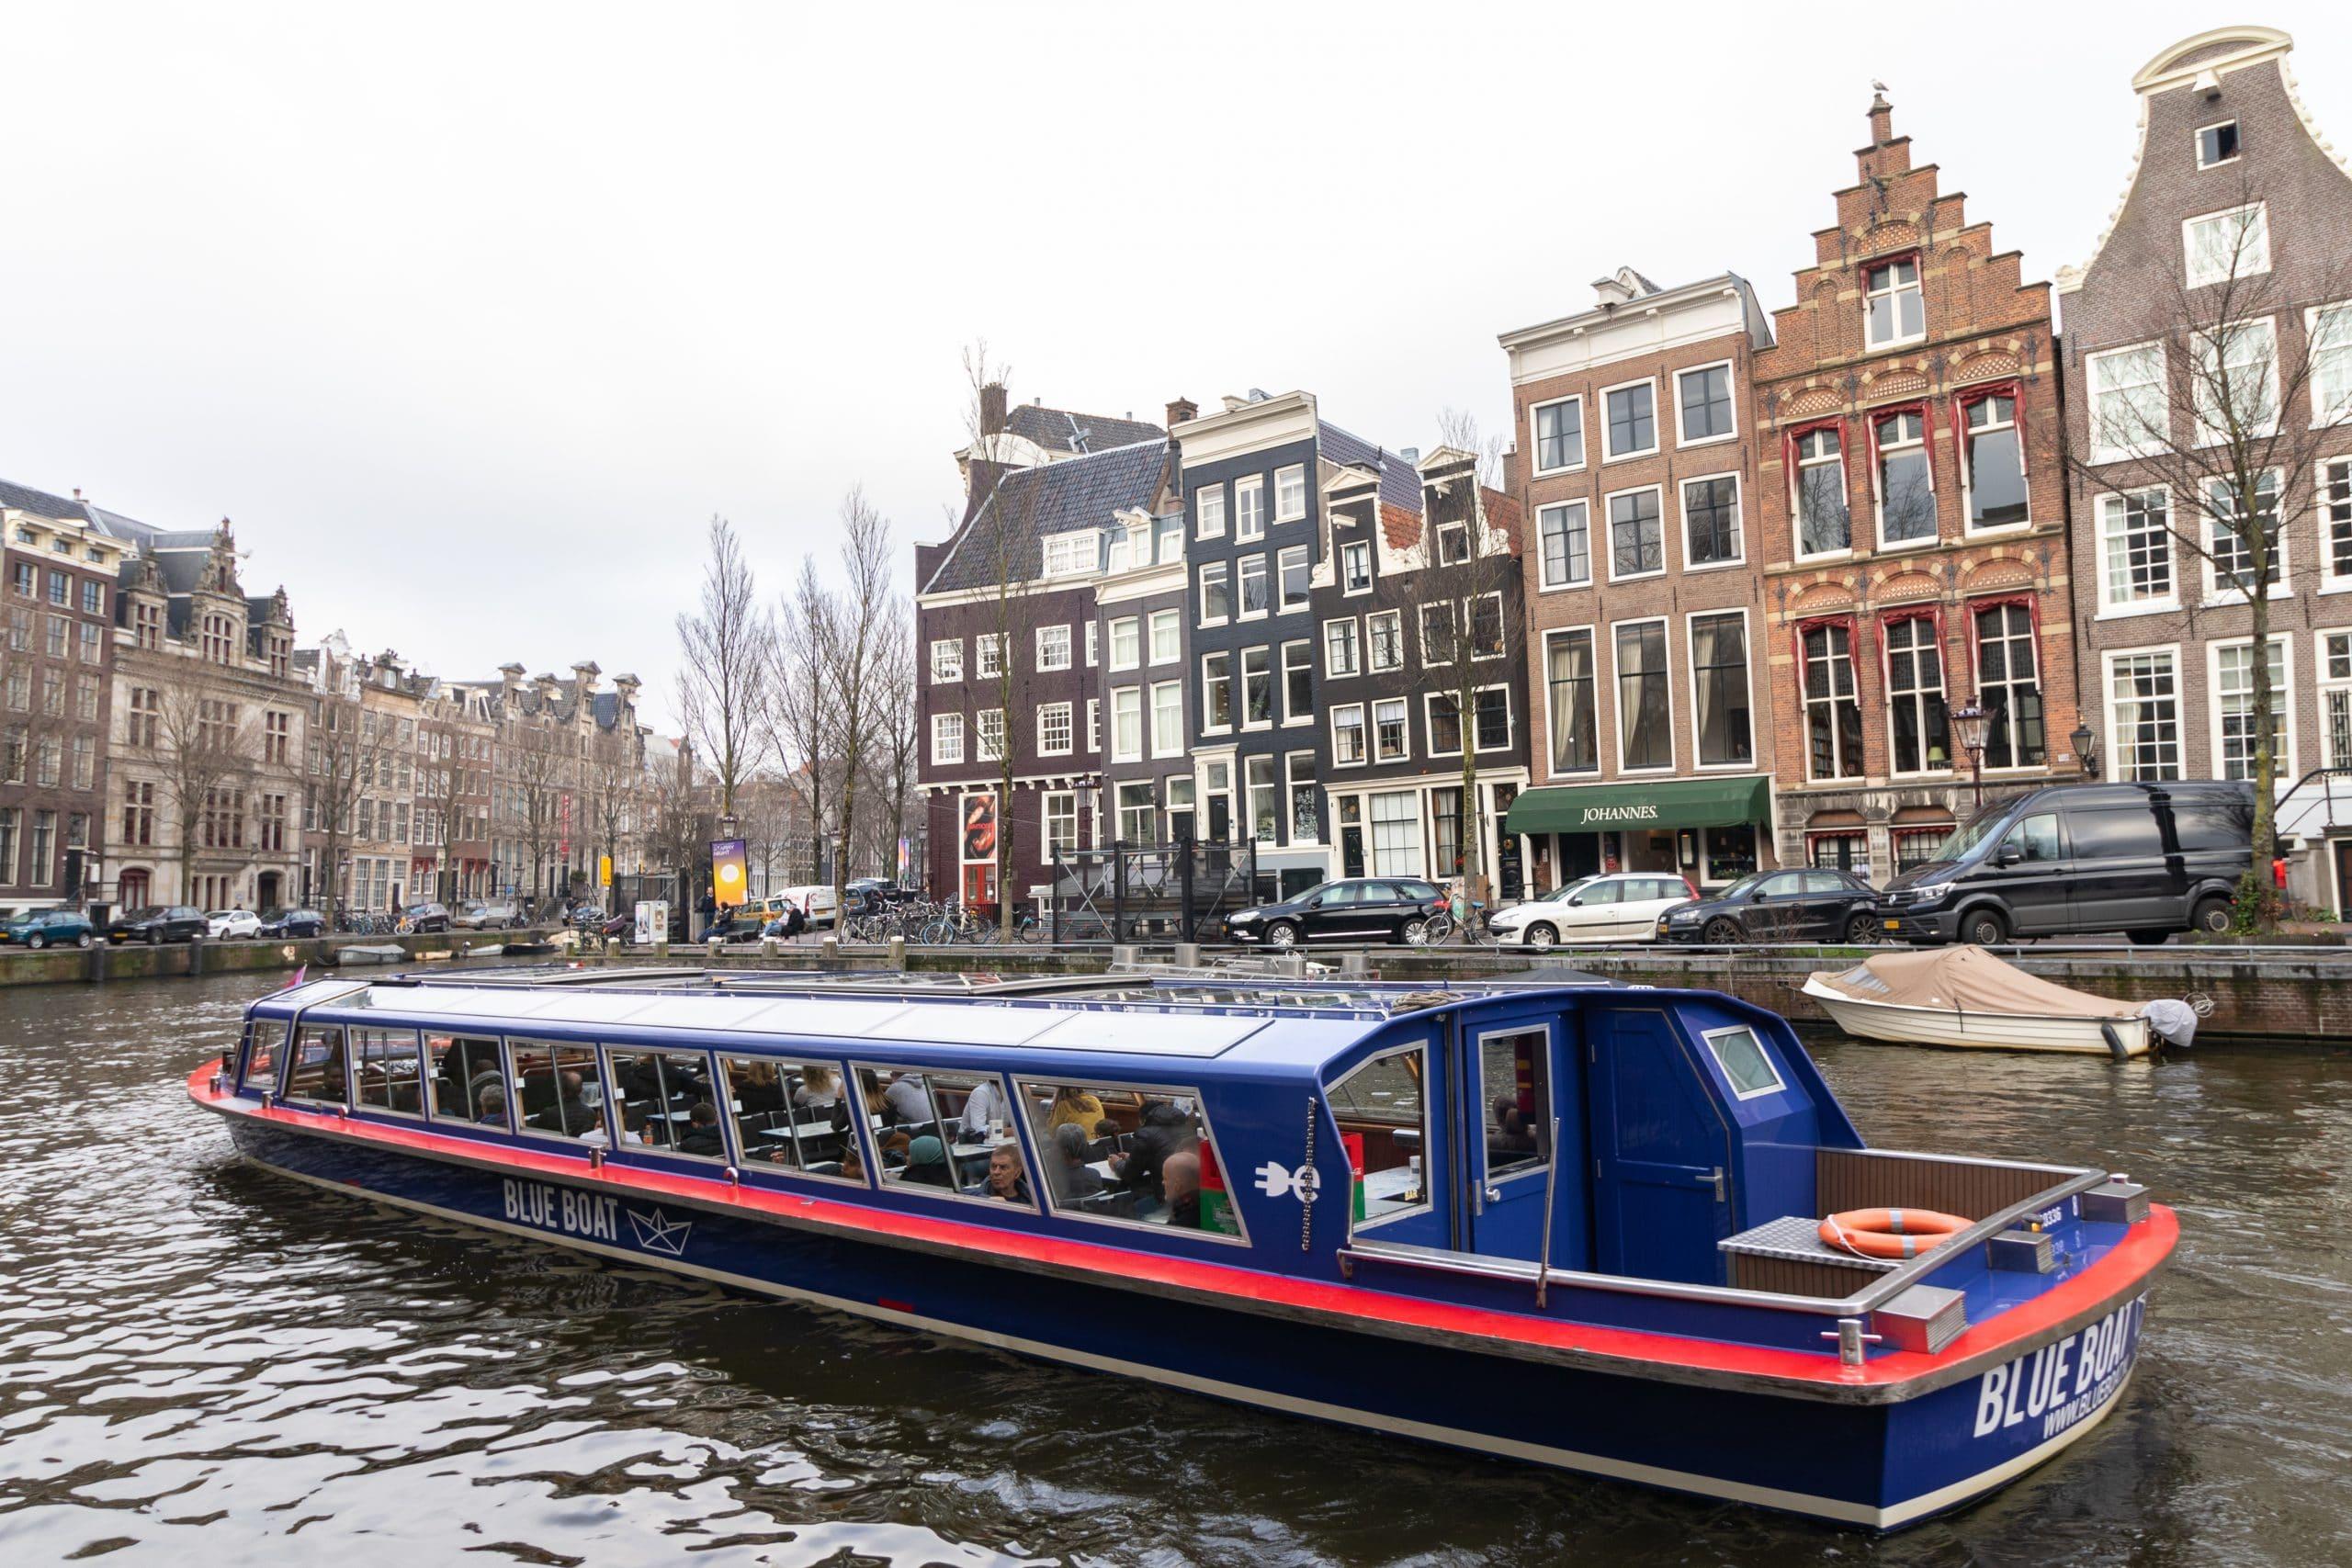 Amsterdam-20181231-5N6A0346_1